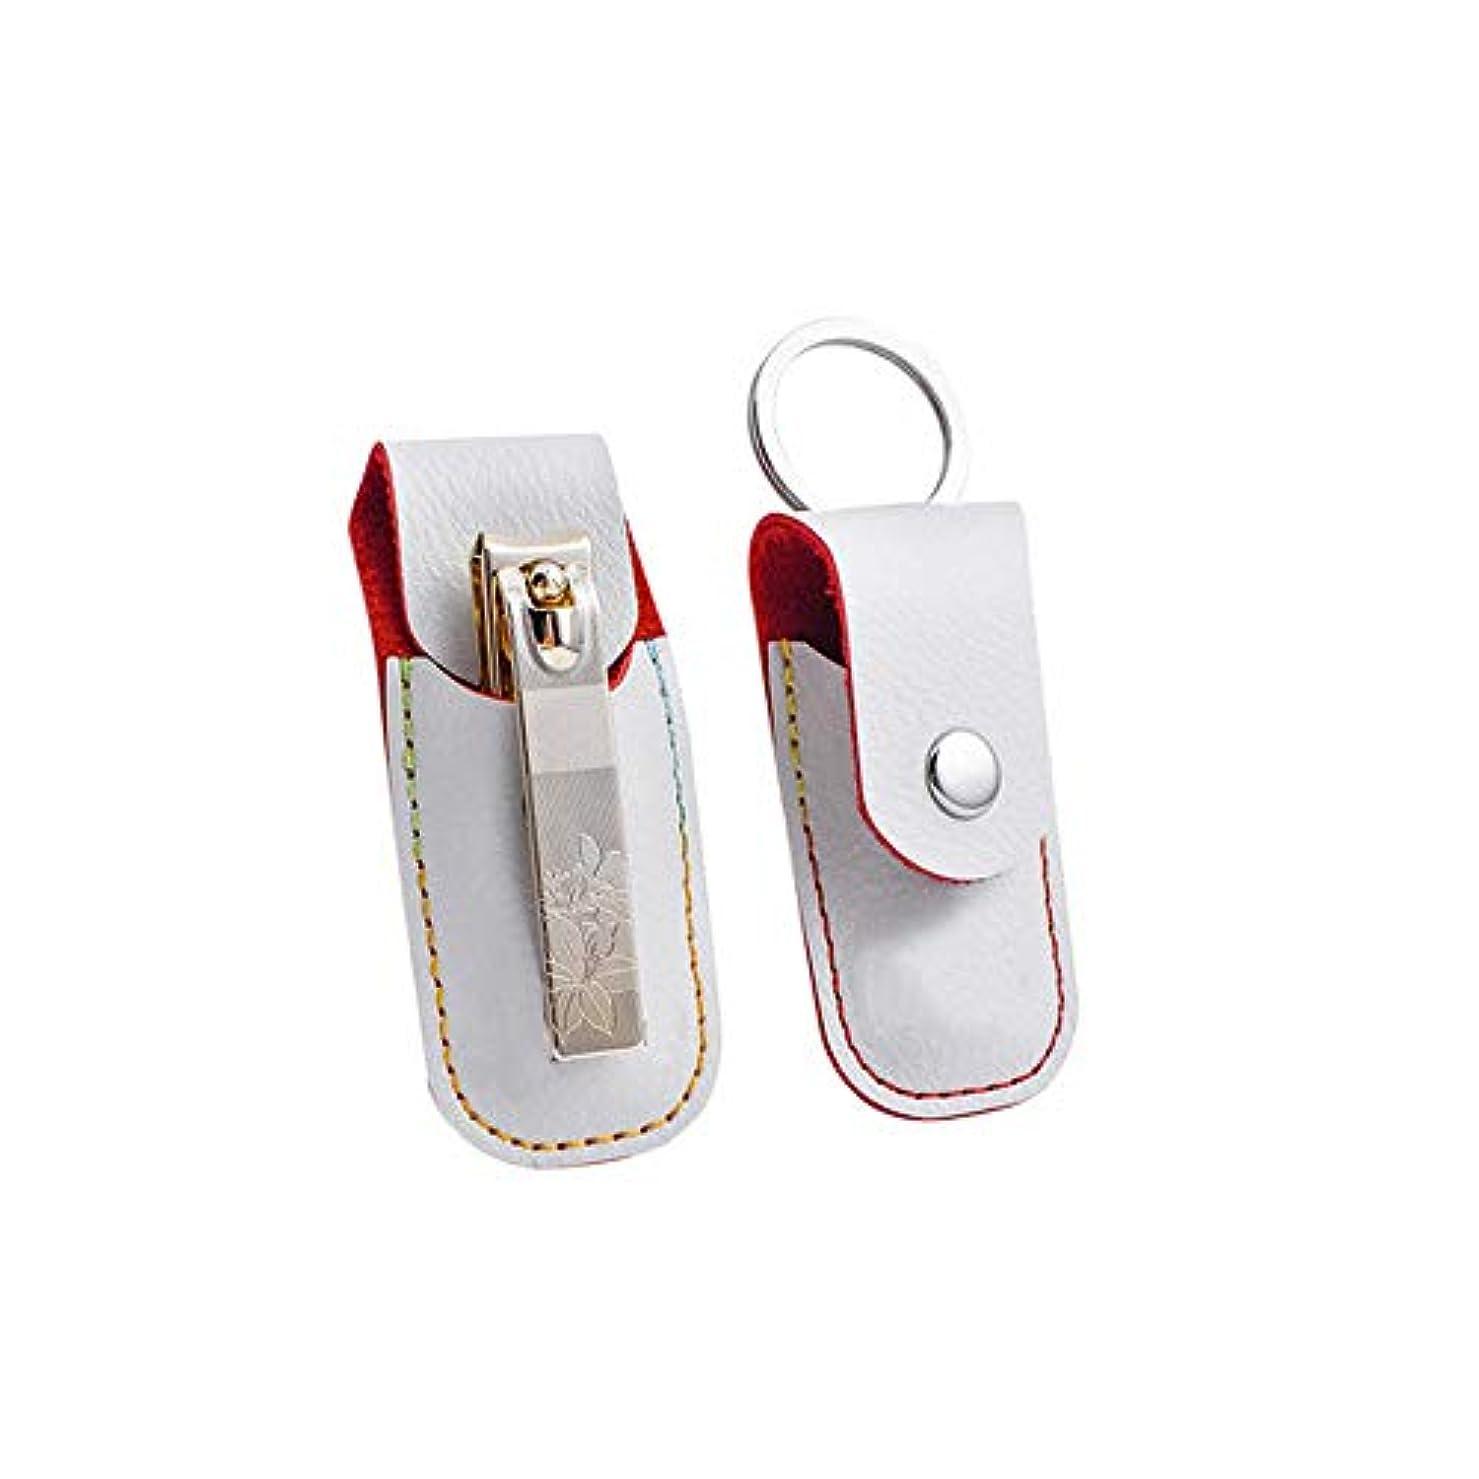 切断するアカデミック不要人気爪切りステンレス鋼製爪切りプリント爪切り高級PUレザーケース付き、ゴールド